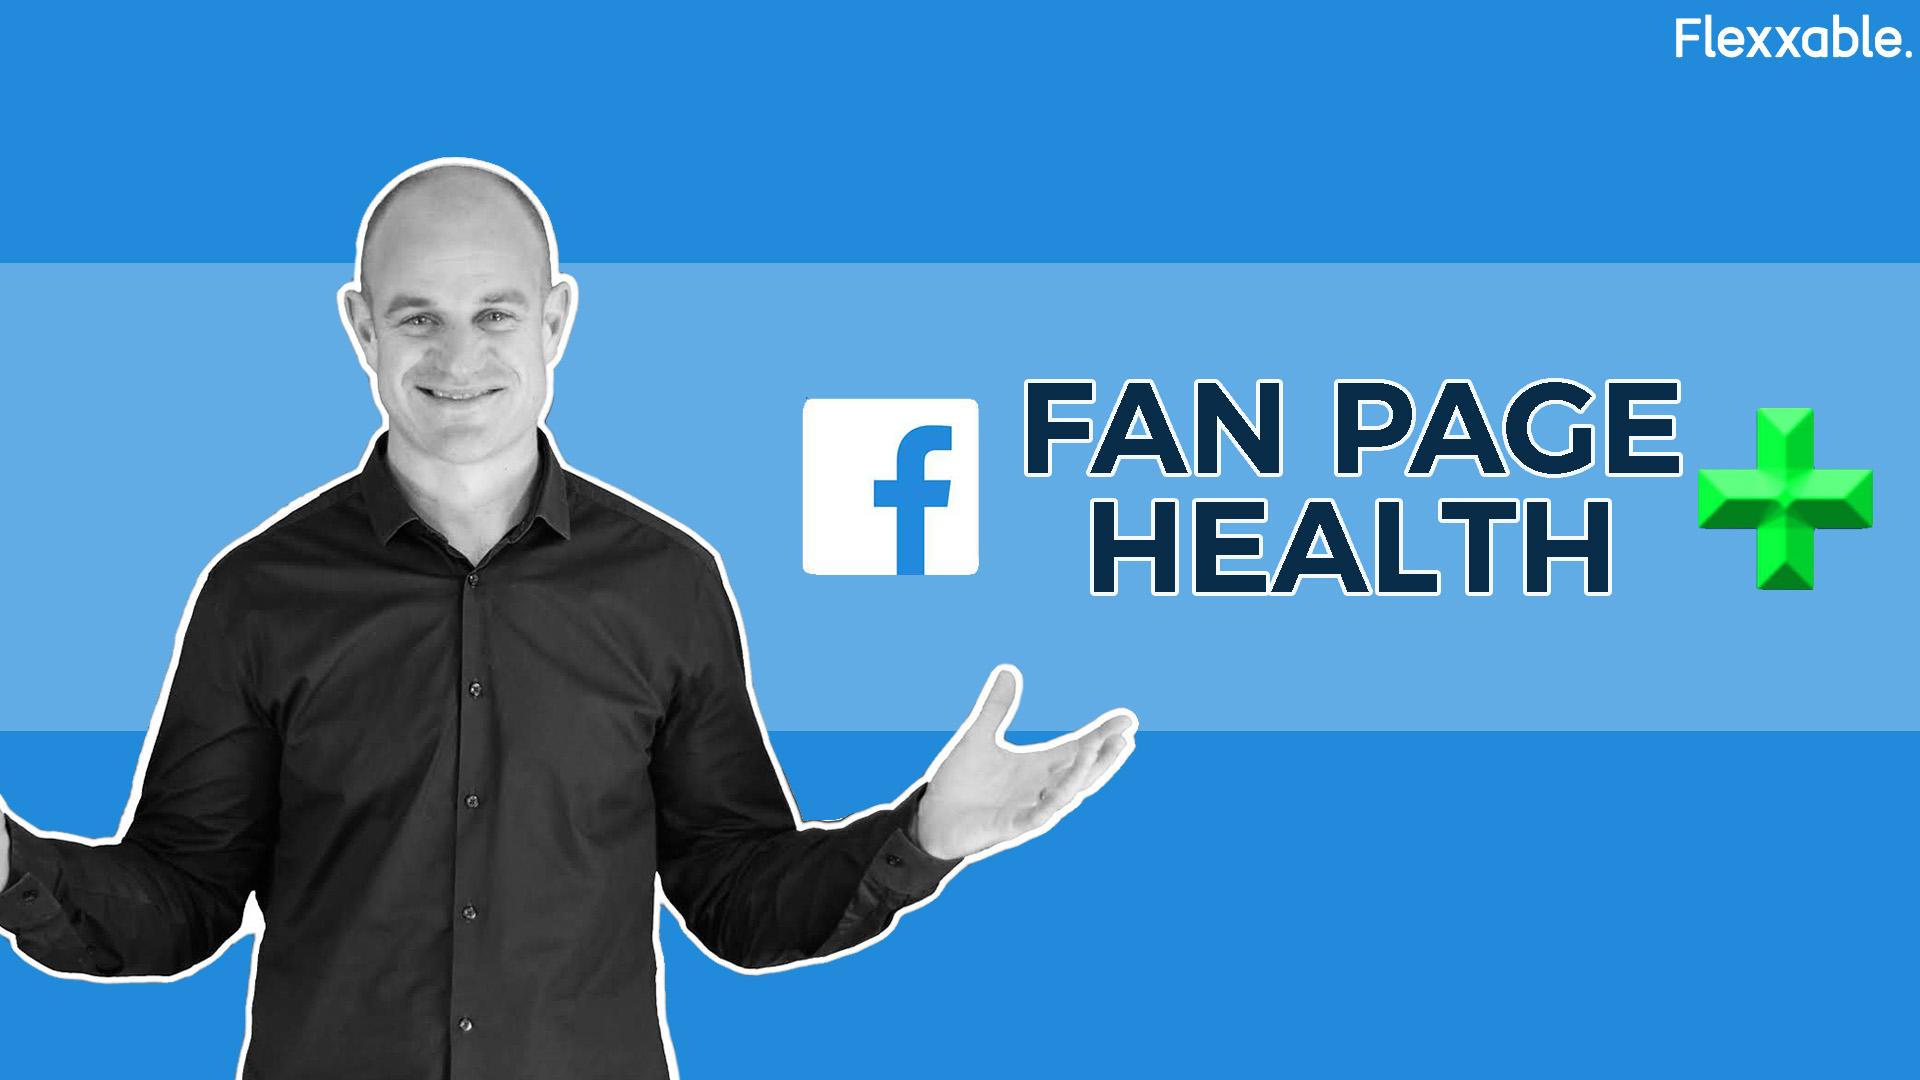 fan page health